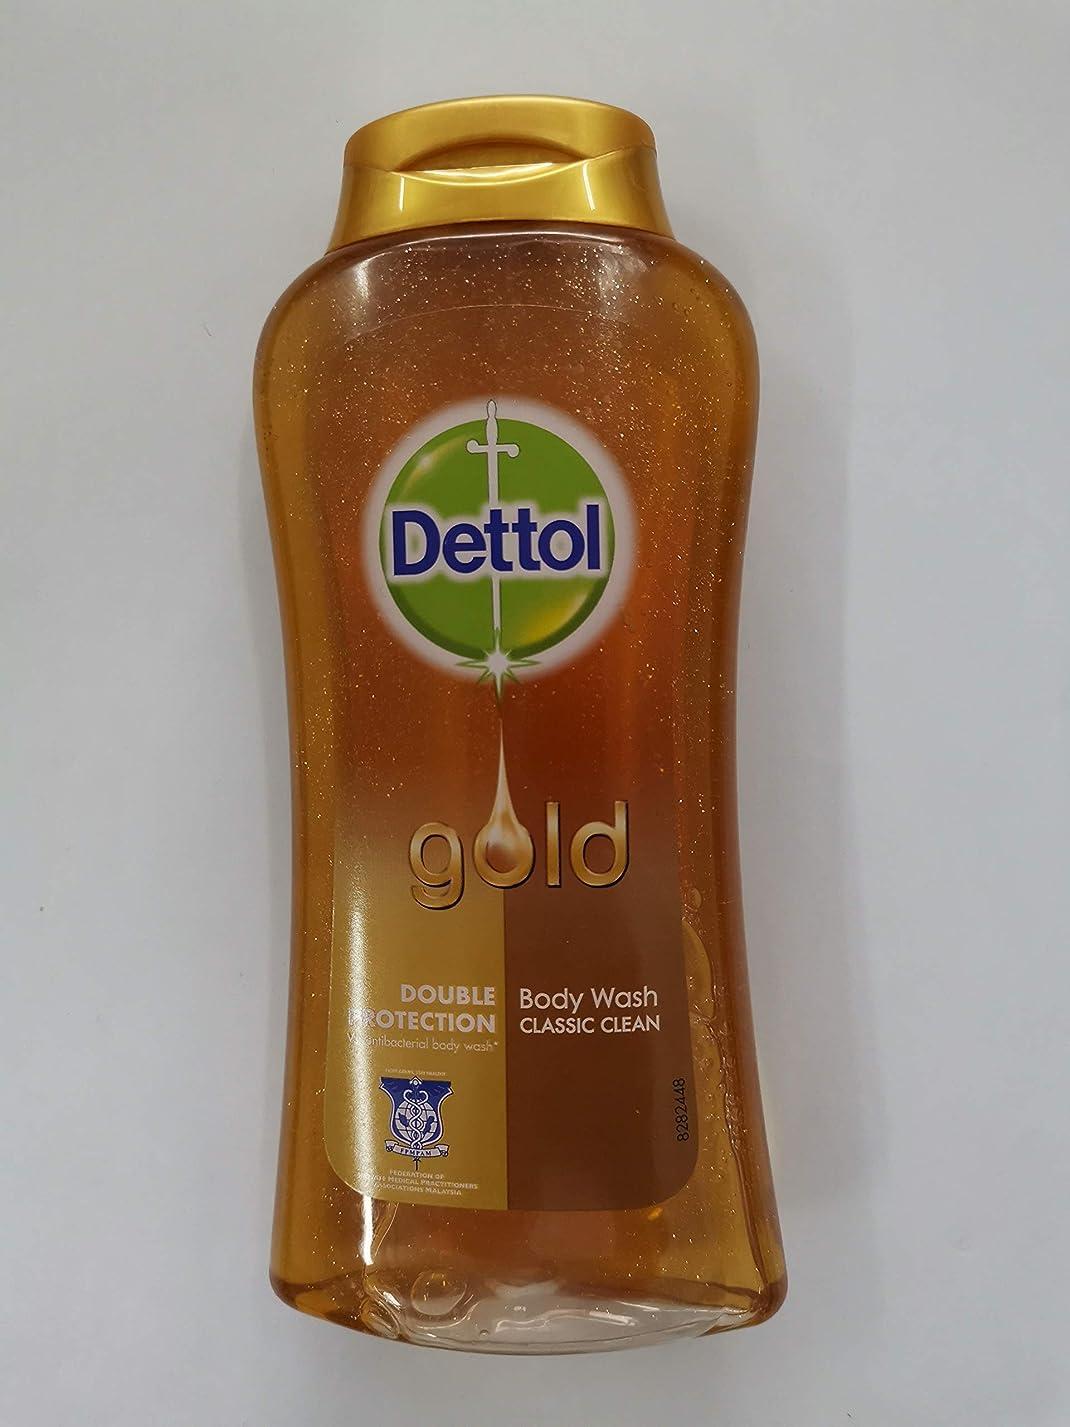 弱いパスタ繊毛Dettol クラシッククリーンボディローション250ミリリットル - 細菌非食用風呂-kills 99.9% - 毎日の細菌を防ぎます